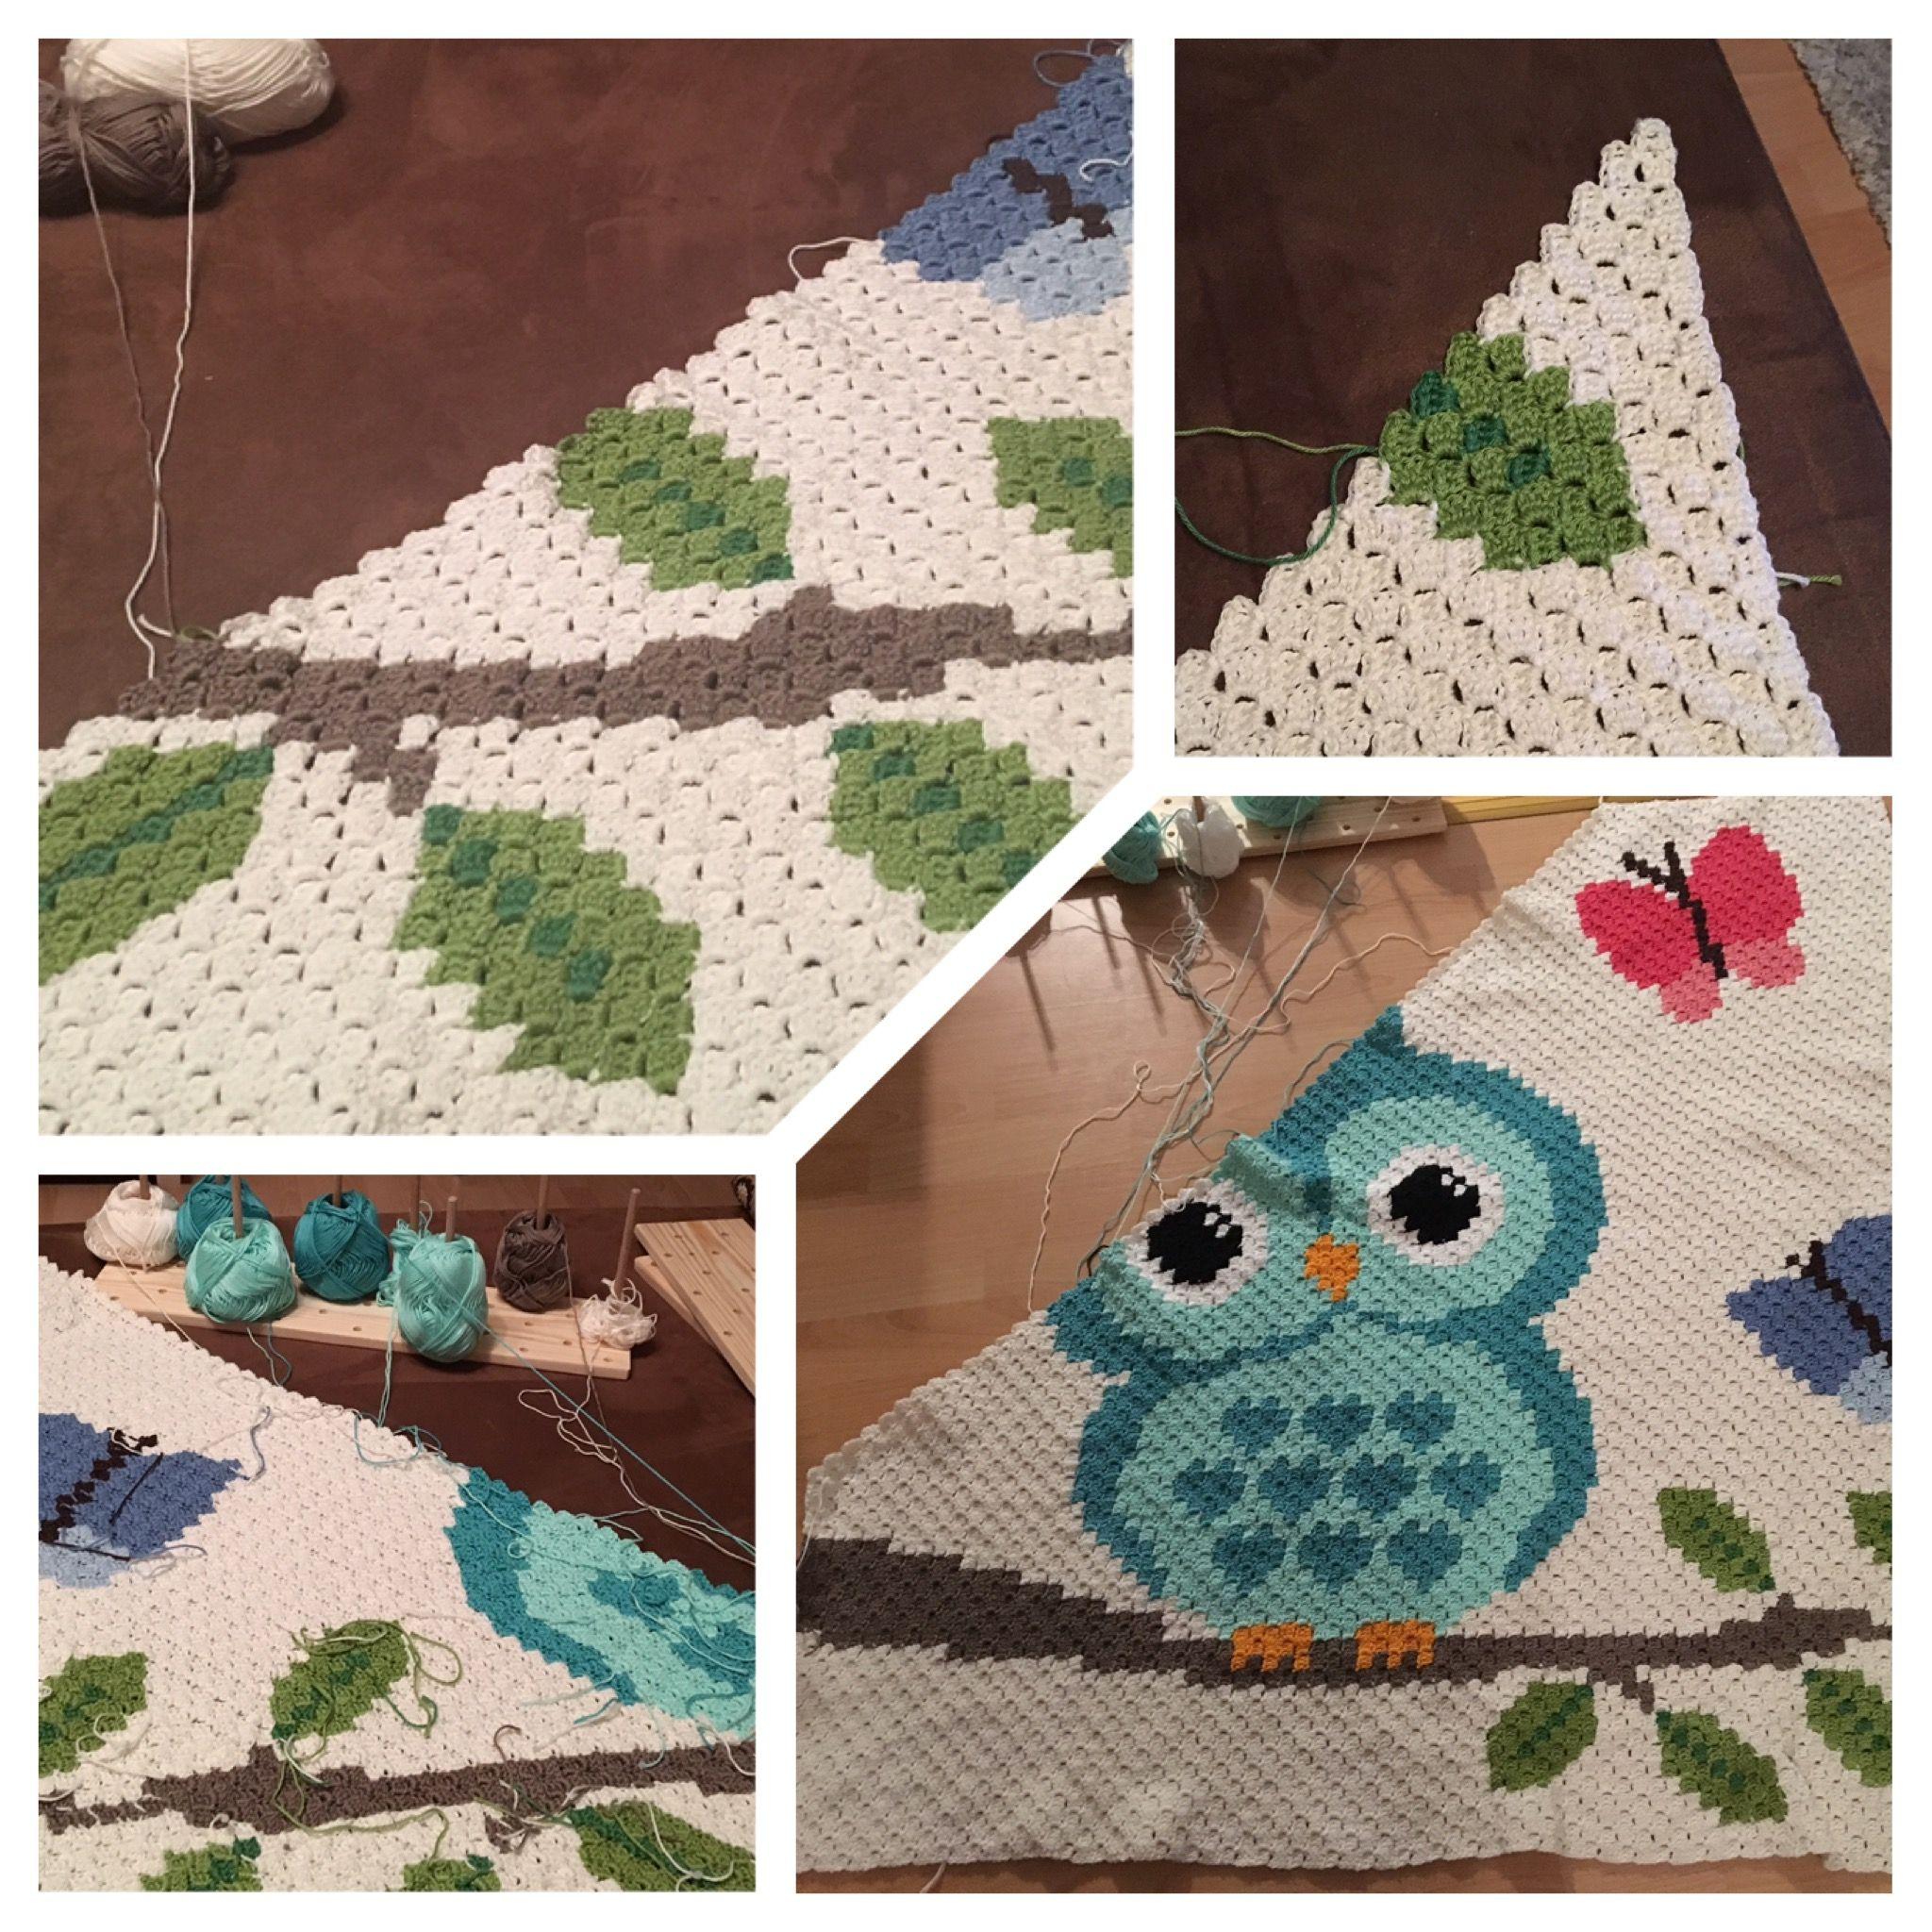 Crochet owl baby blanket growing step by step yarn